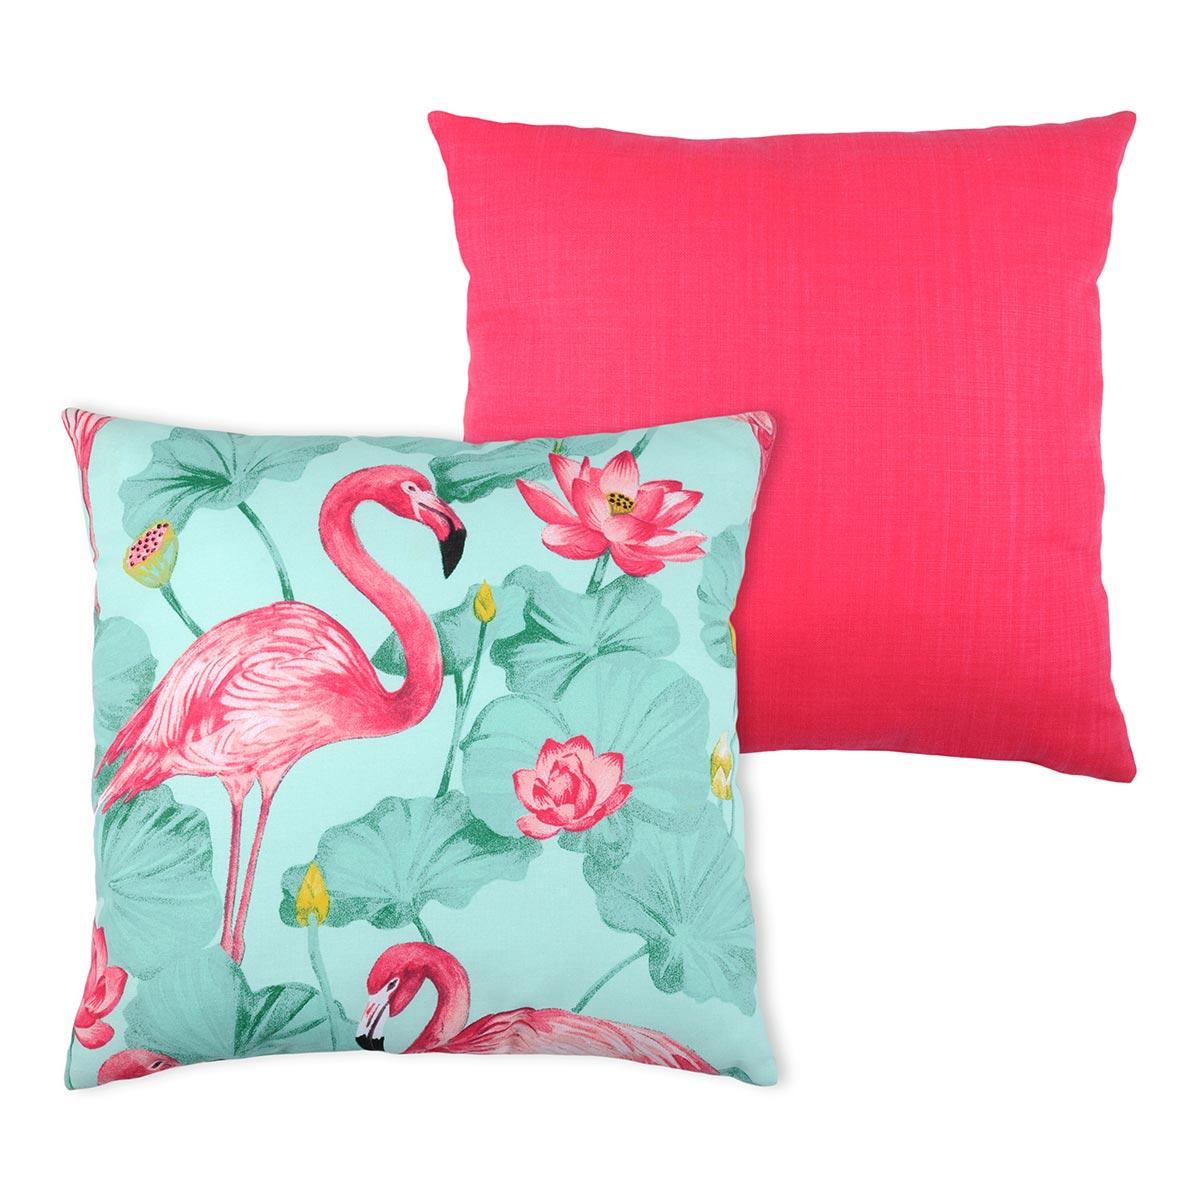 Διακοσμητικό Μαξιλάρι 2 Όψεων (50×50) S-F Flamingo C18263002